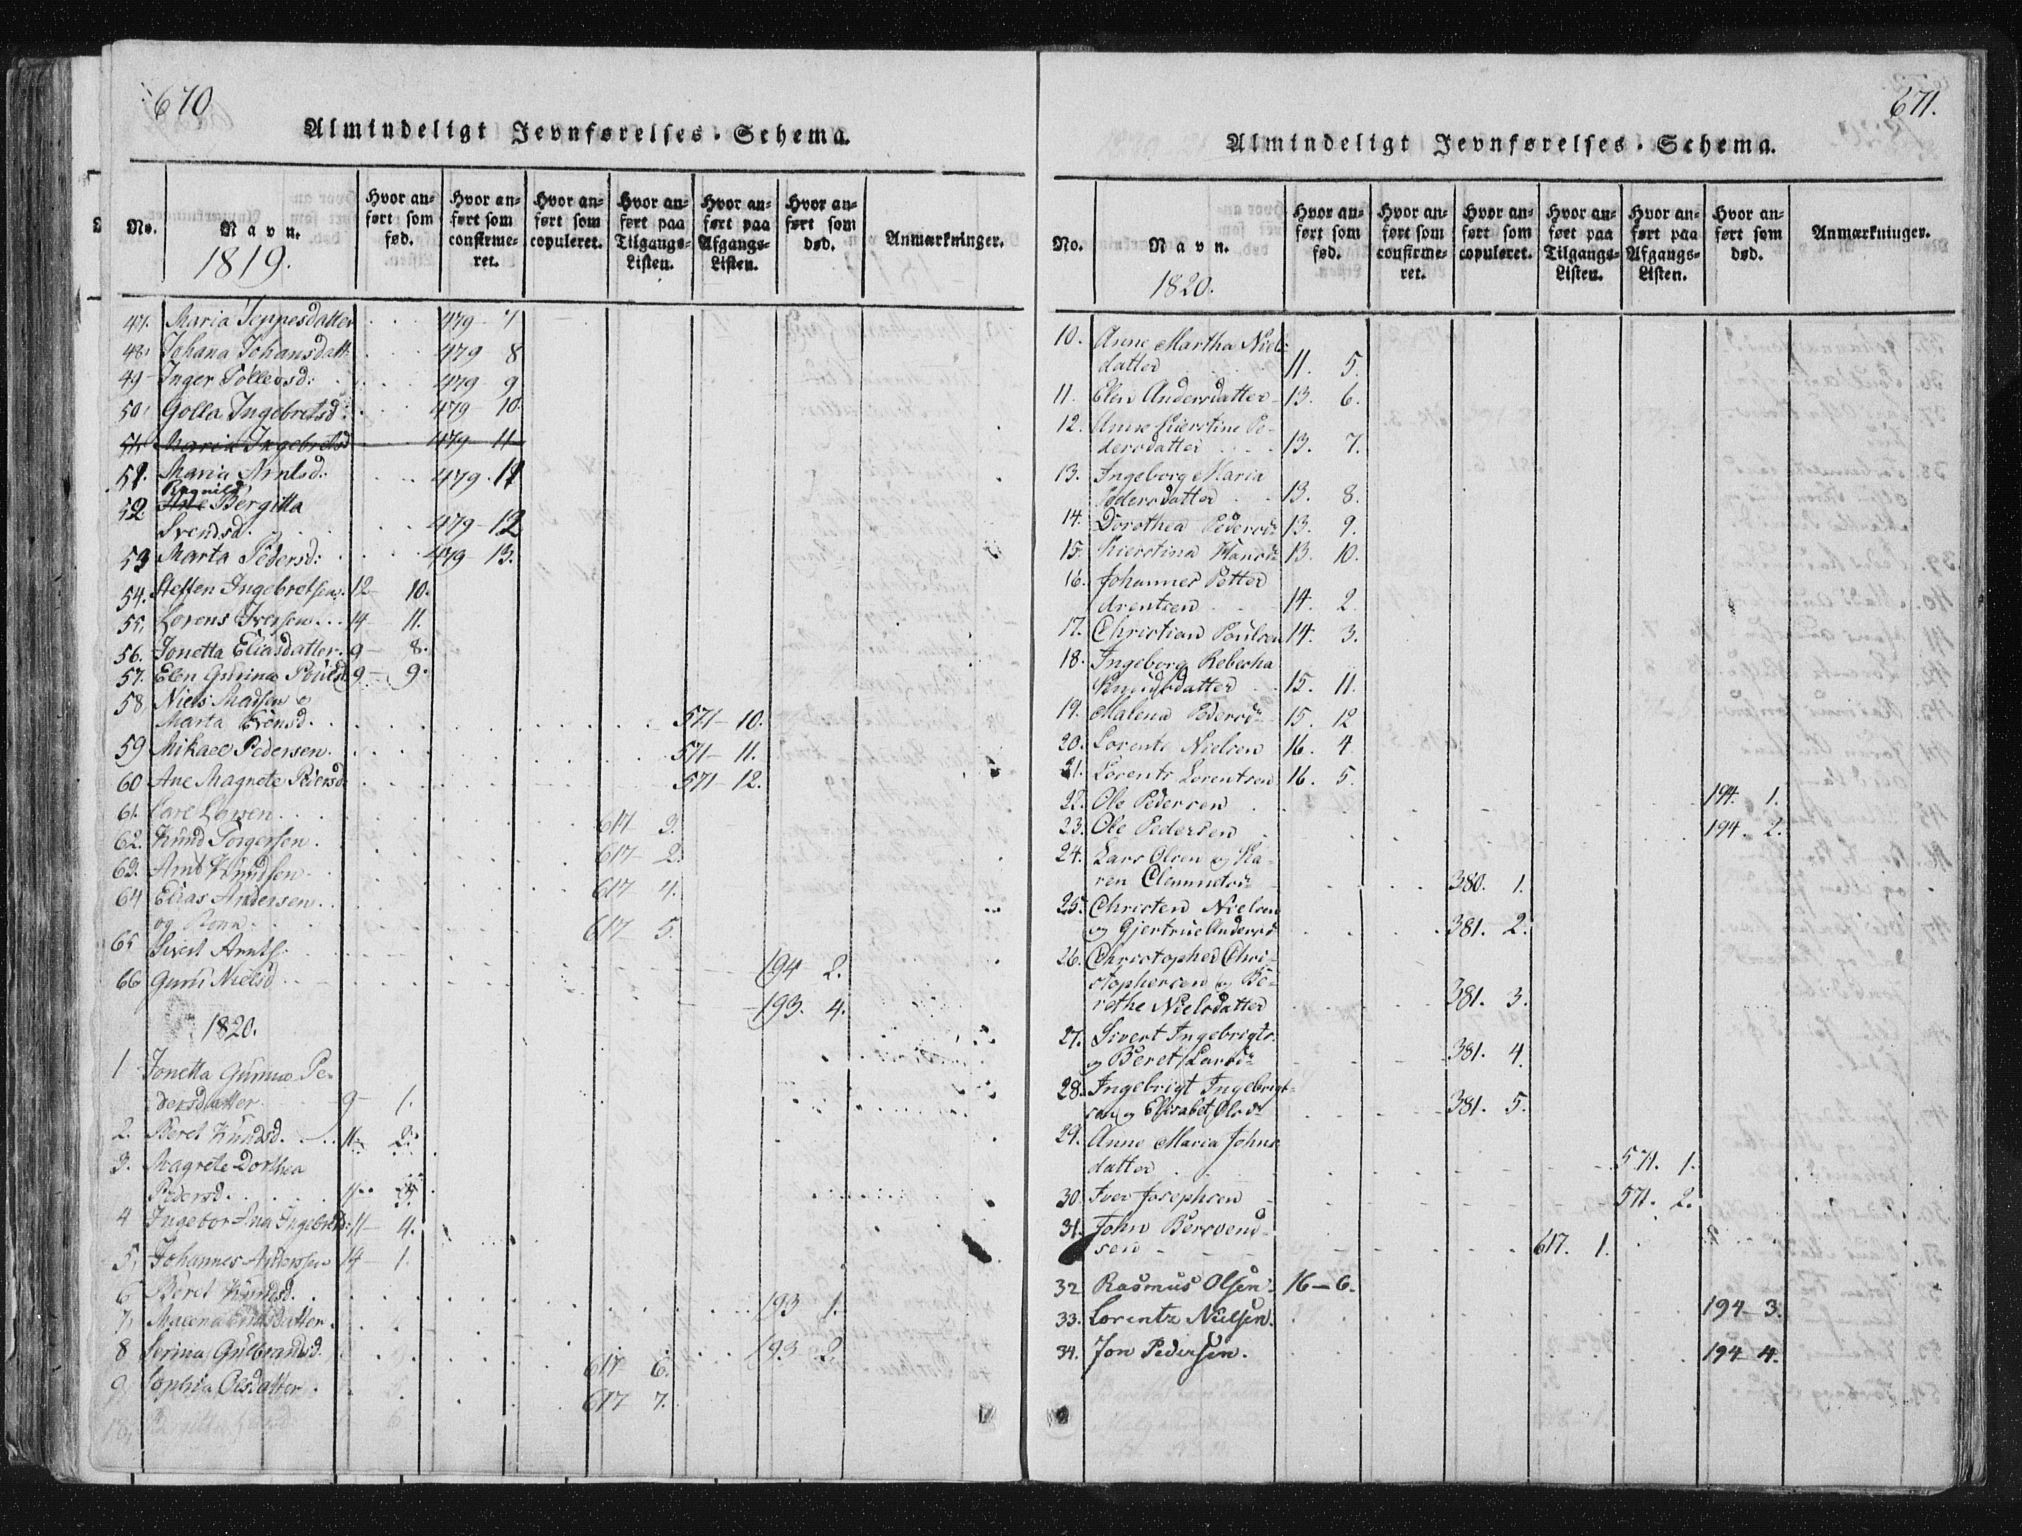 SAT, Ministerialprotokoller, klokkerbøker og fødselsregistre - Nord-Trøndelag, 744/L0417: Ministerialbok nr. 744A01, 1817-1842, s. 670-671